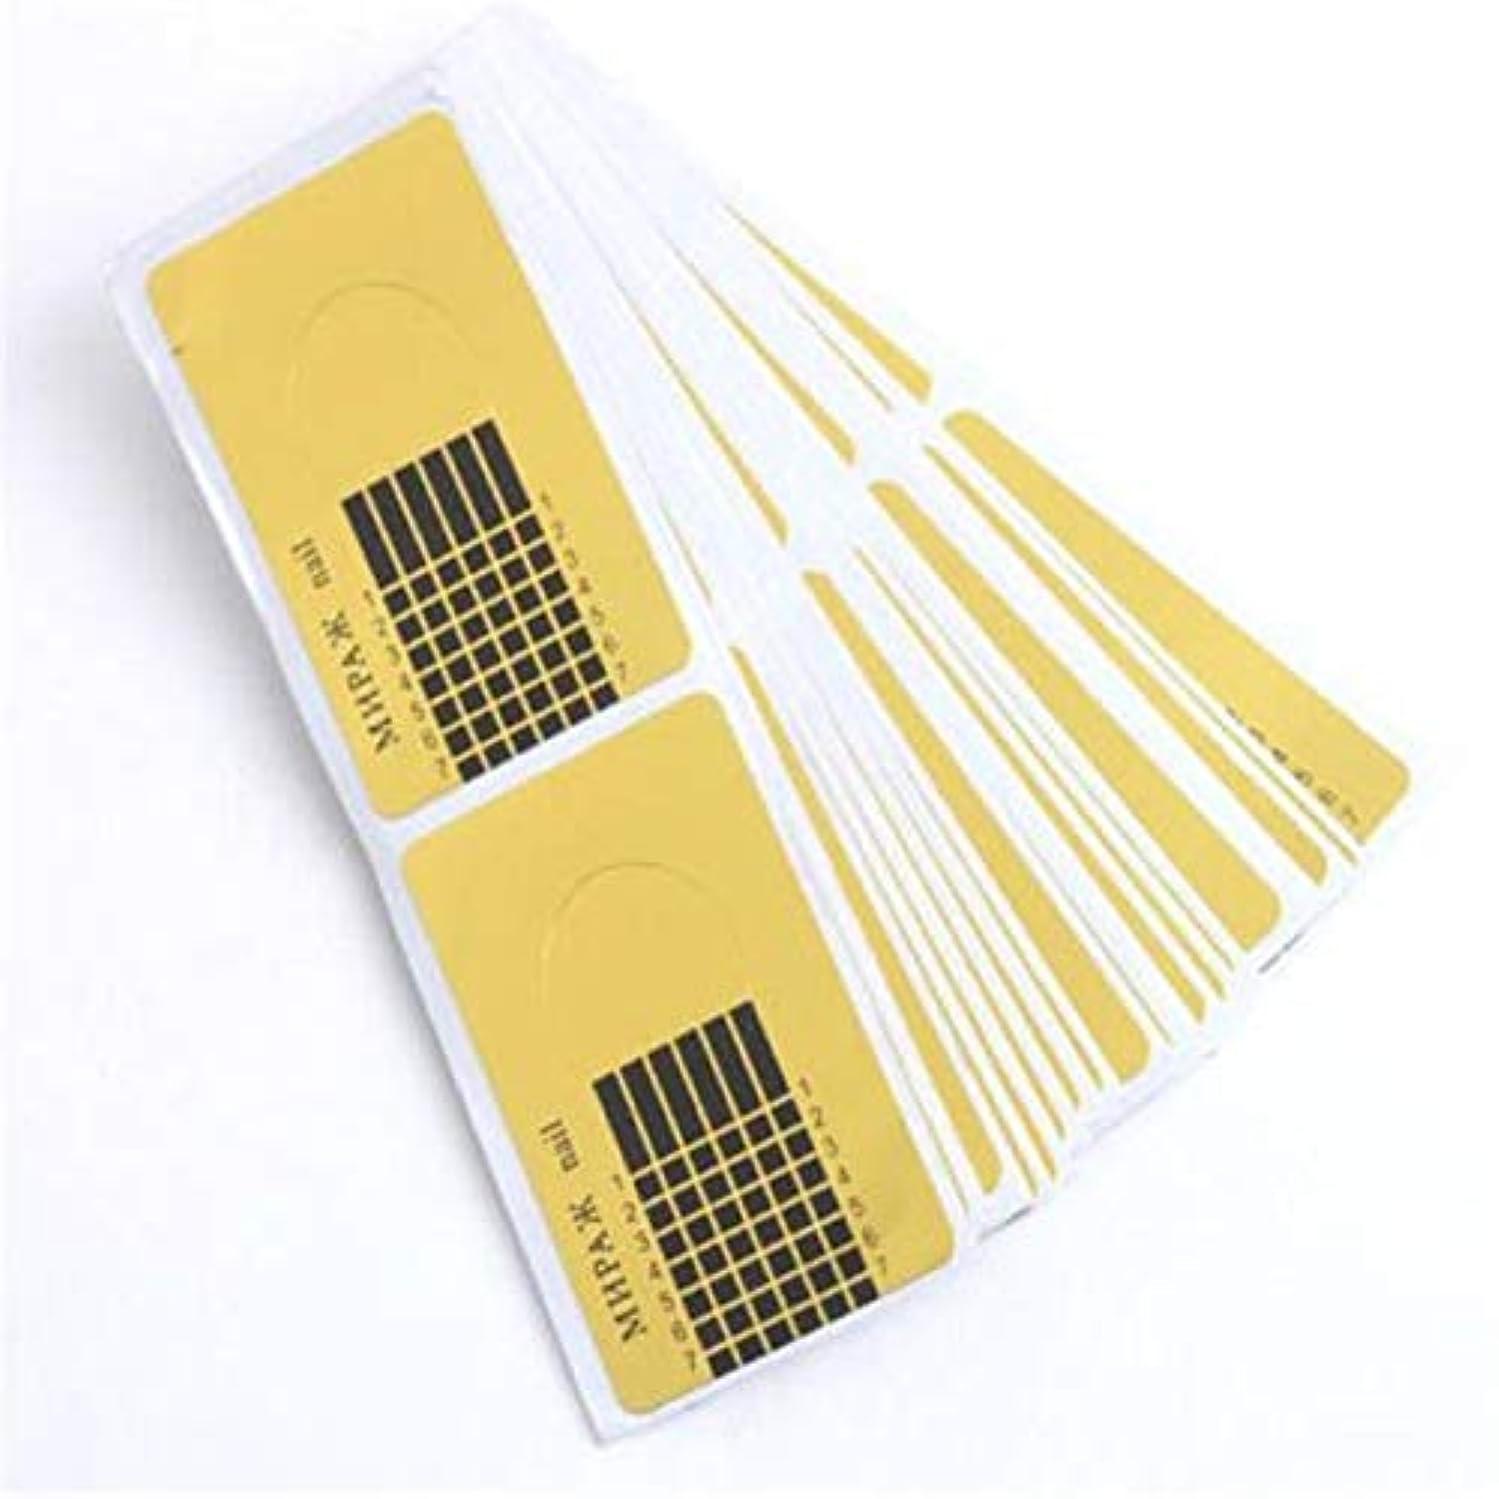 メッセージ人種ジャグリングYoshilimen 注目のデザイン100個新しいコンセプトゴールド昆虫タイプ指トリートメント爪サポートクリスタル特殊ホルダー(None golden)